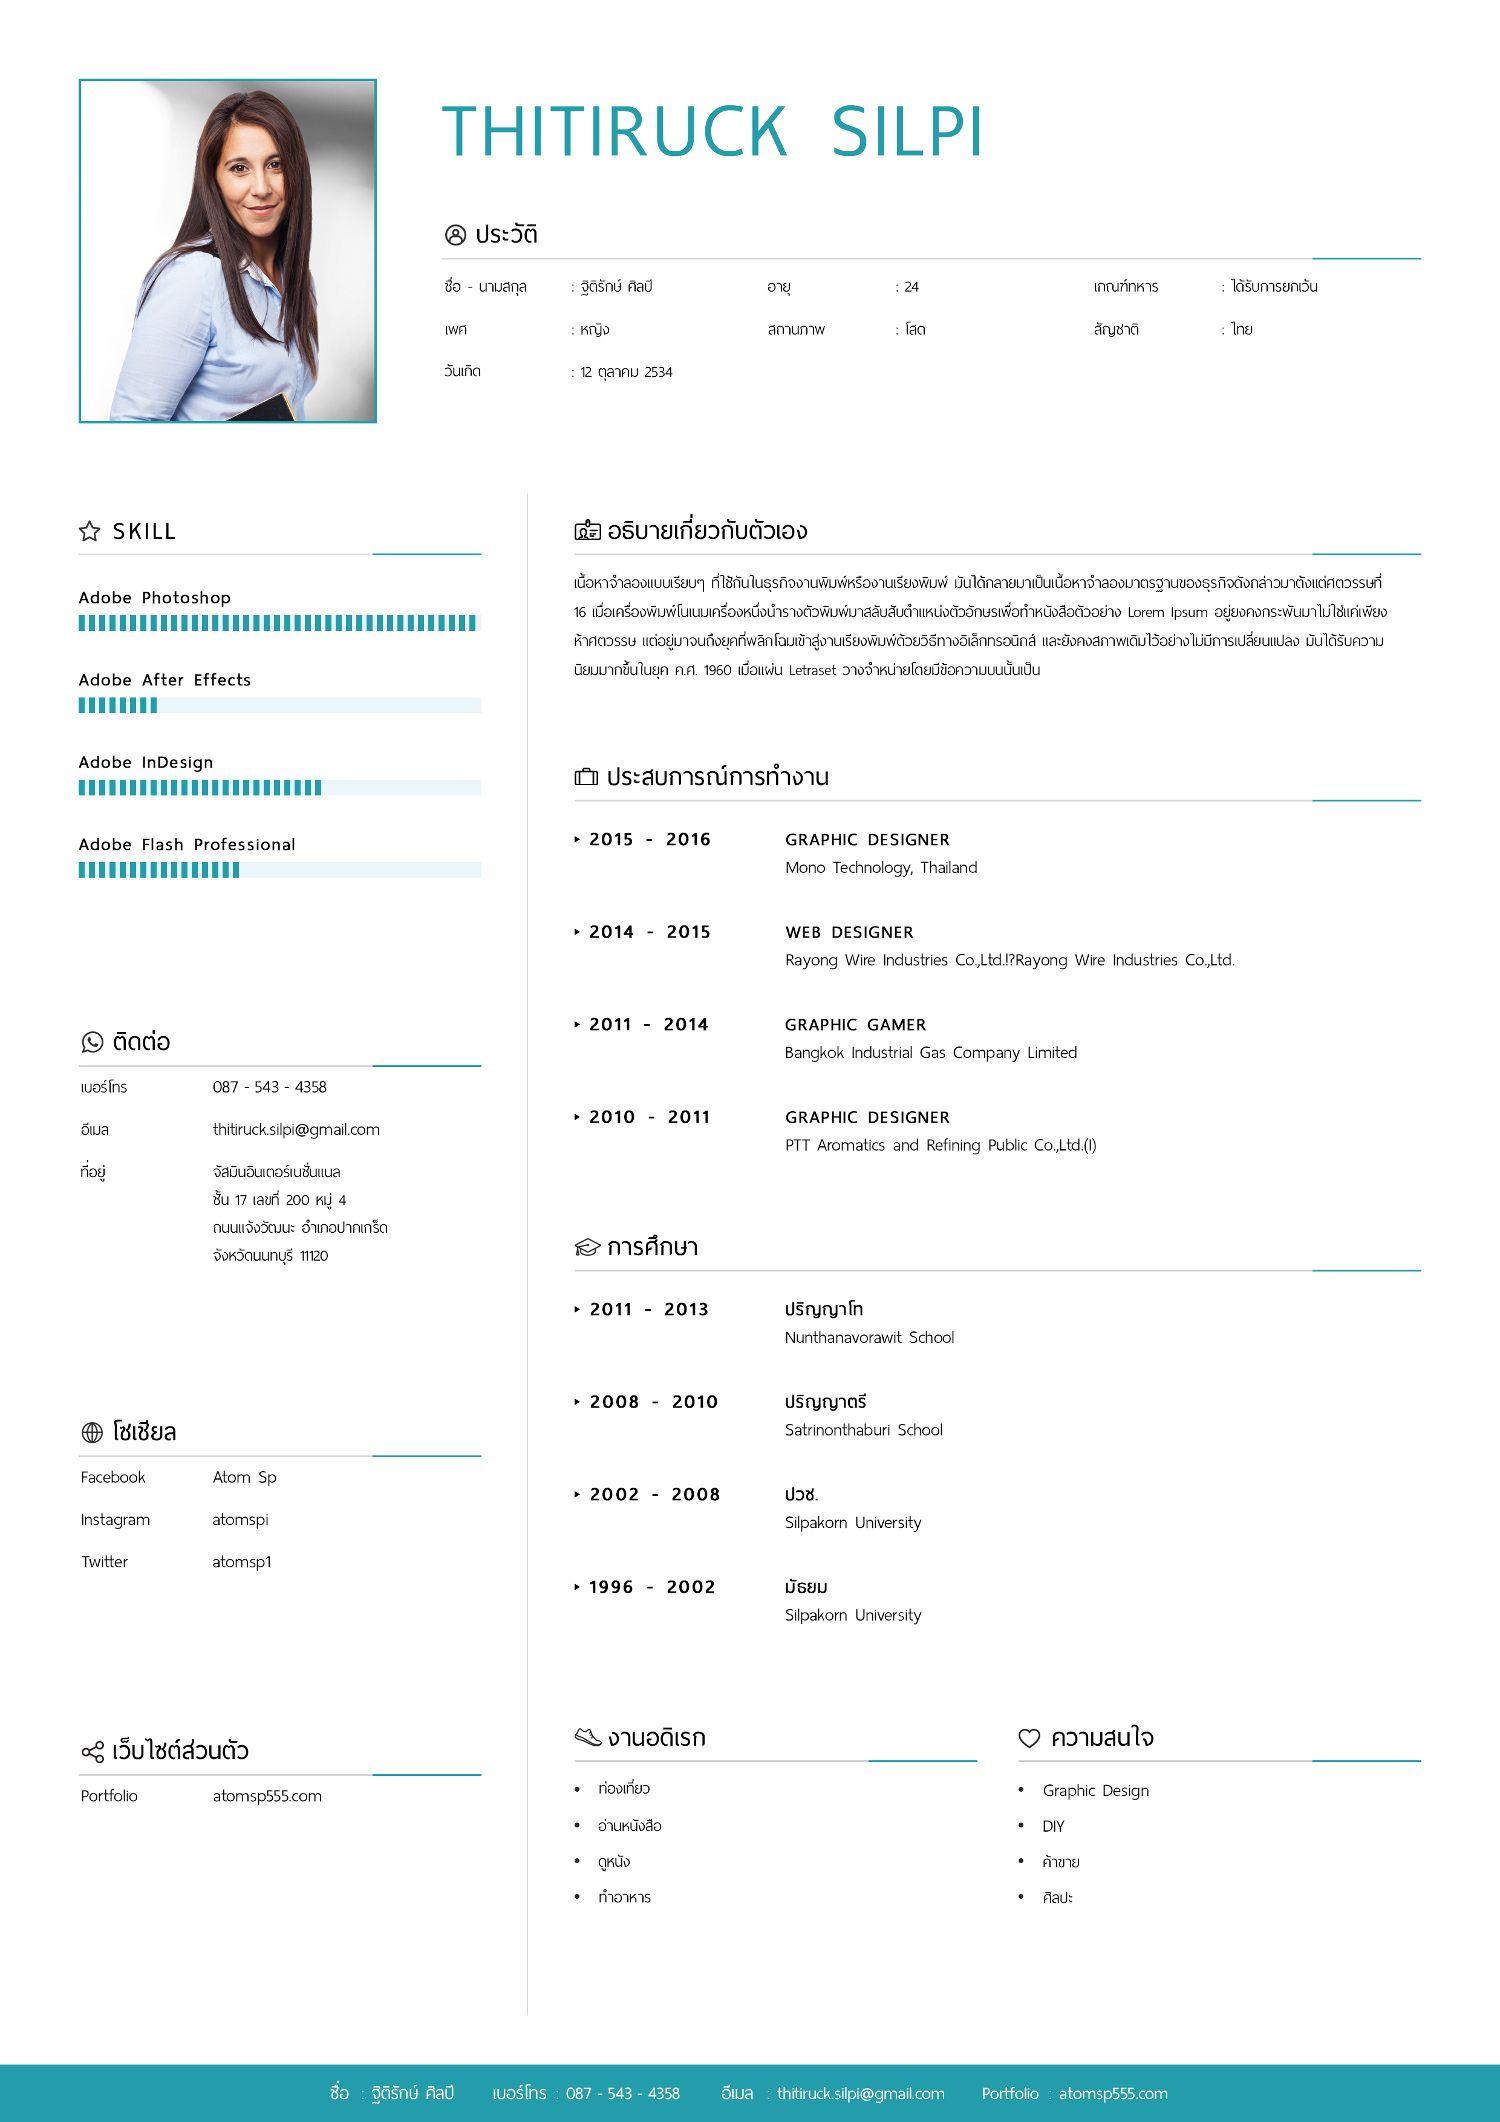 ออกแบบ Resume ออนไลน์ ฟรี, resume resume format, resume